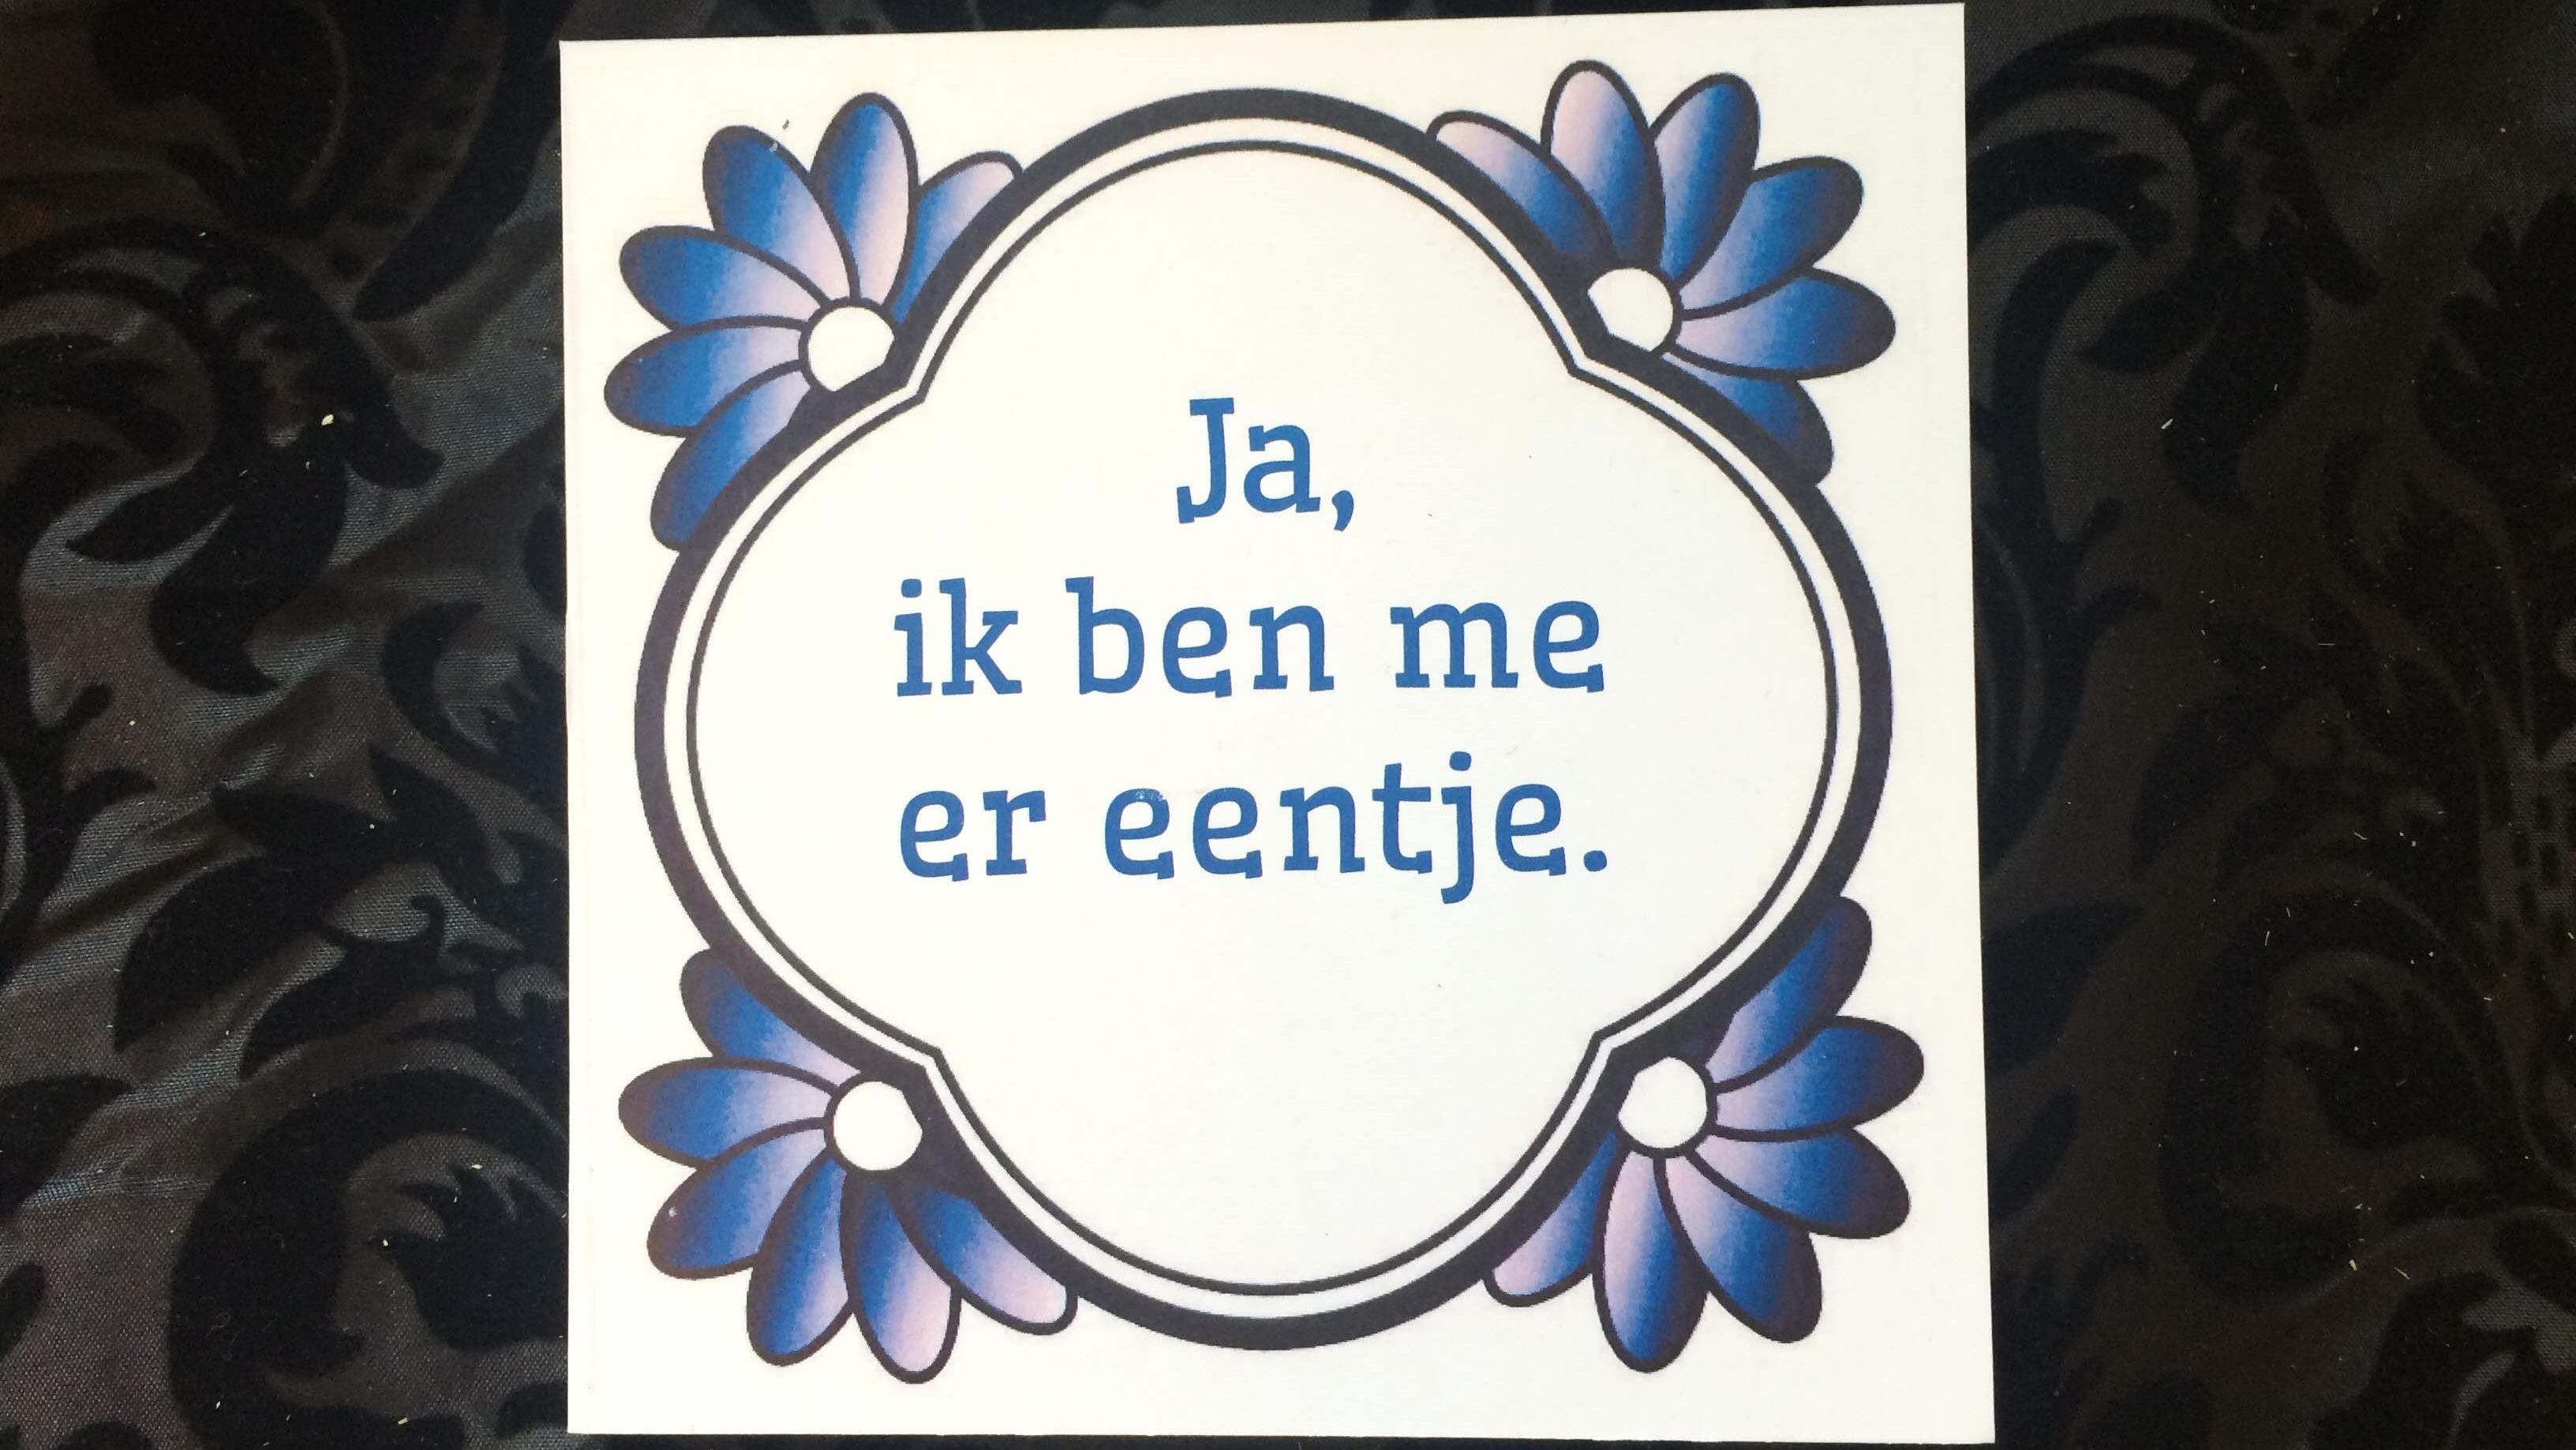 spreuken herman finkers Expositie met spreuken van Herman Finkers in Almelo geopend spreuken herman finkers